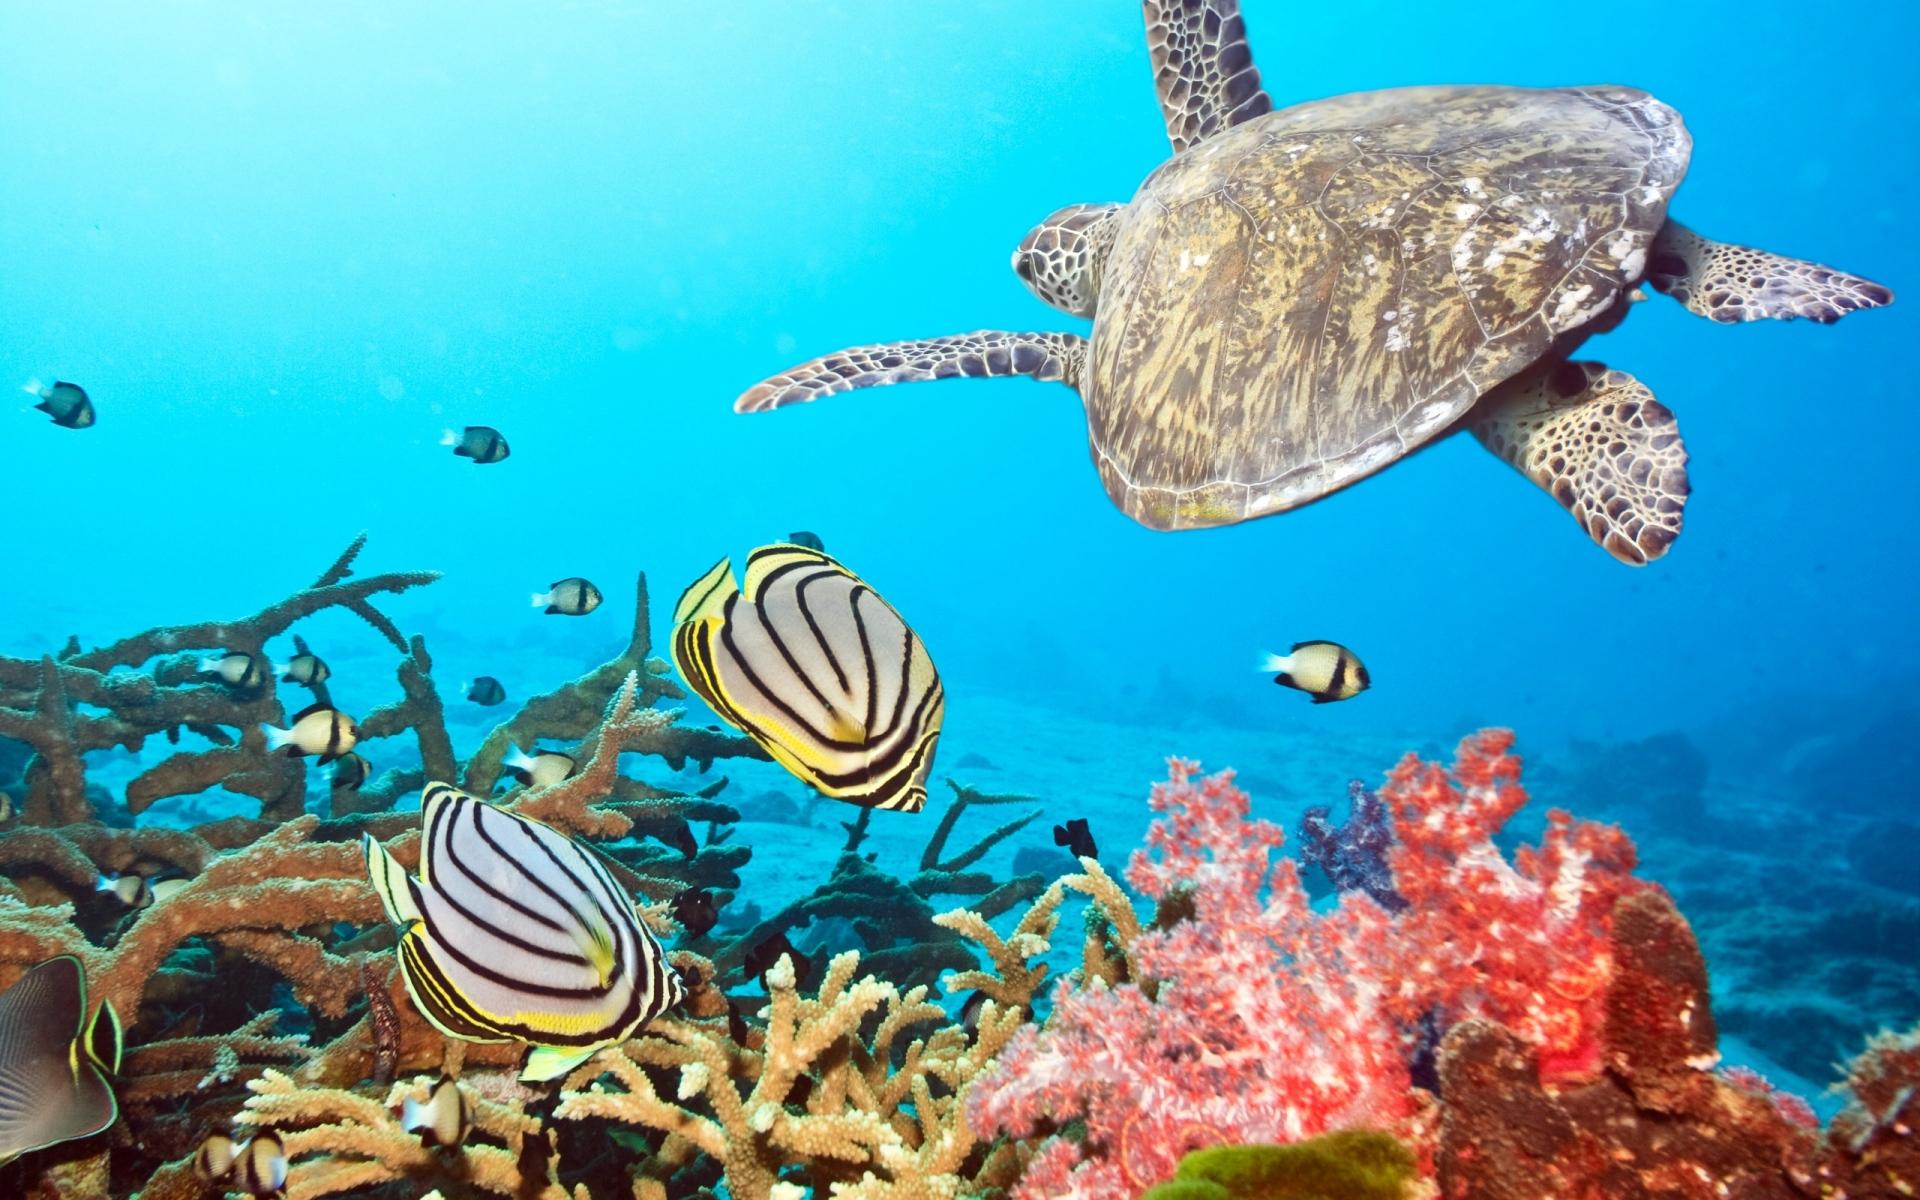 Картинки Черепаха, море, океан, подводный, плавать фото и обои на рабочий стол